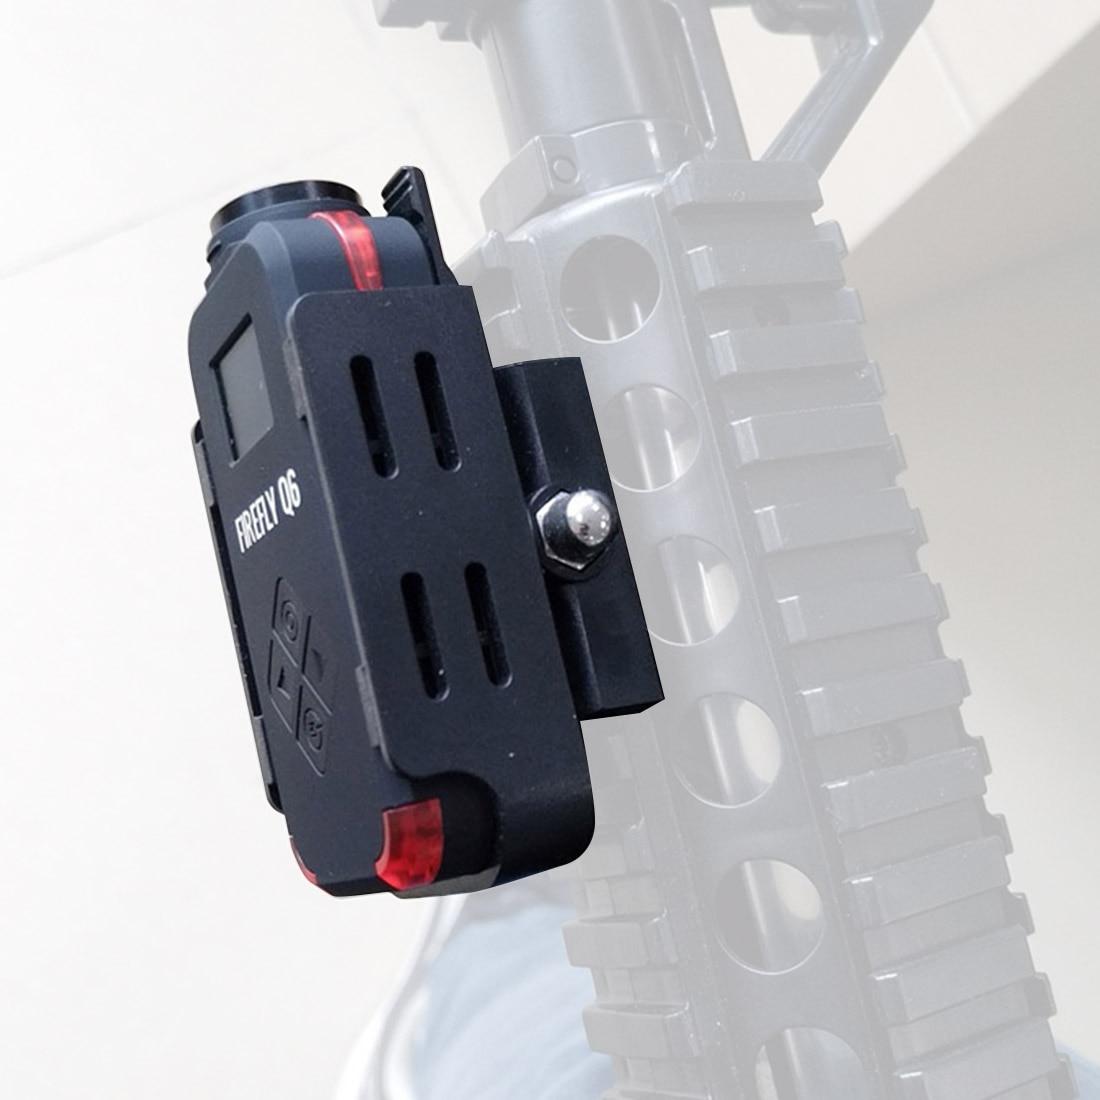 ホークアイホタル Q6 エアガン 1080 1080P/4 18K HD 多機能スポーツカメラアクションカム Fpv レーサー部分レースドローン